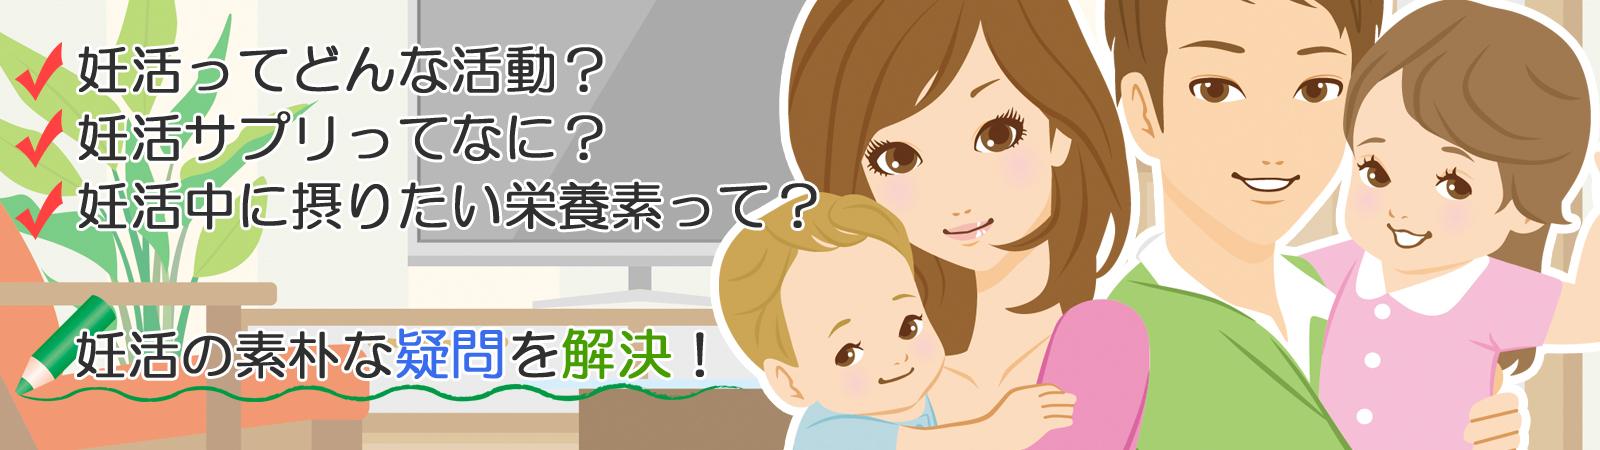 妊活サプリ|口コミで人気のおすすめサプリはどれ?